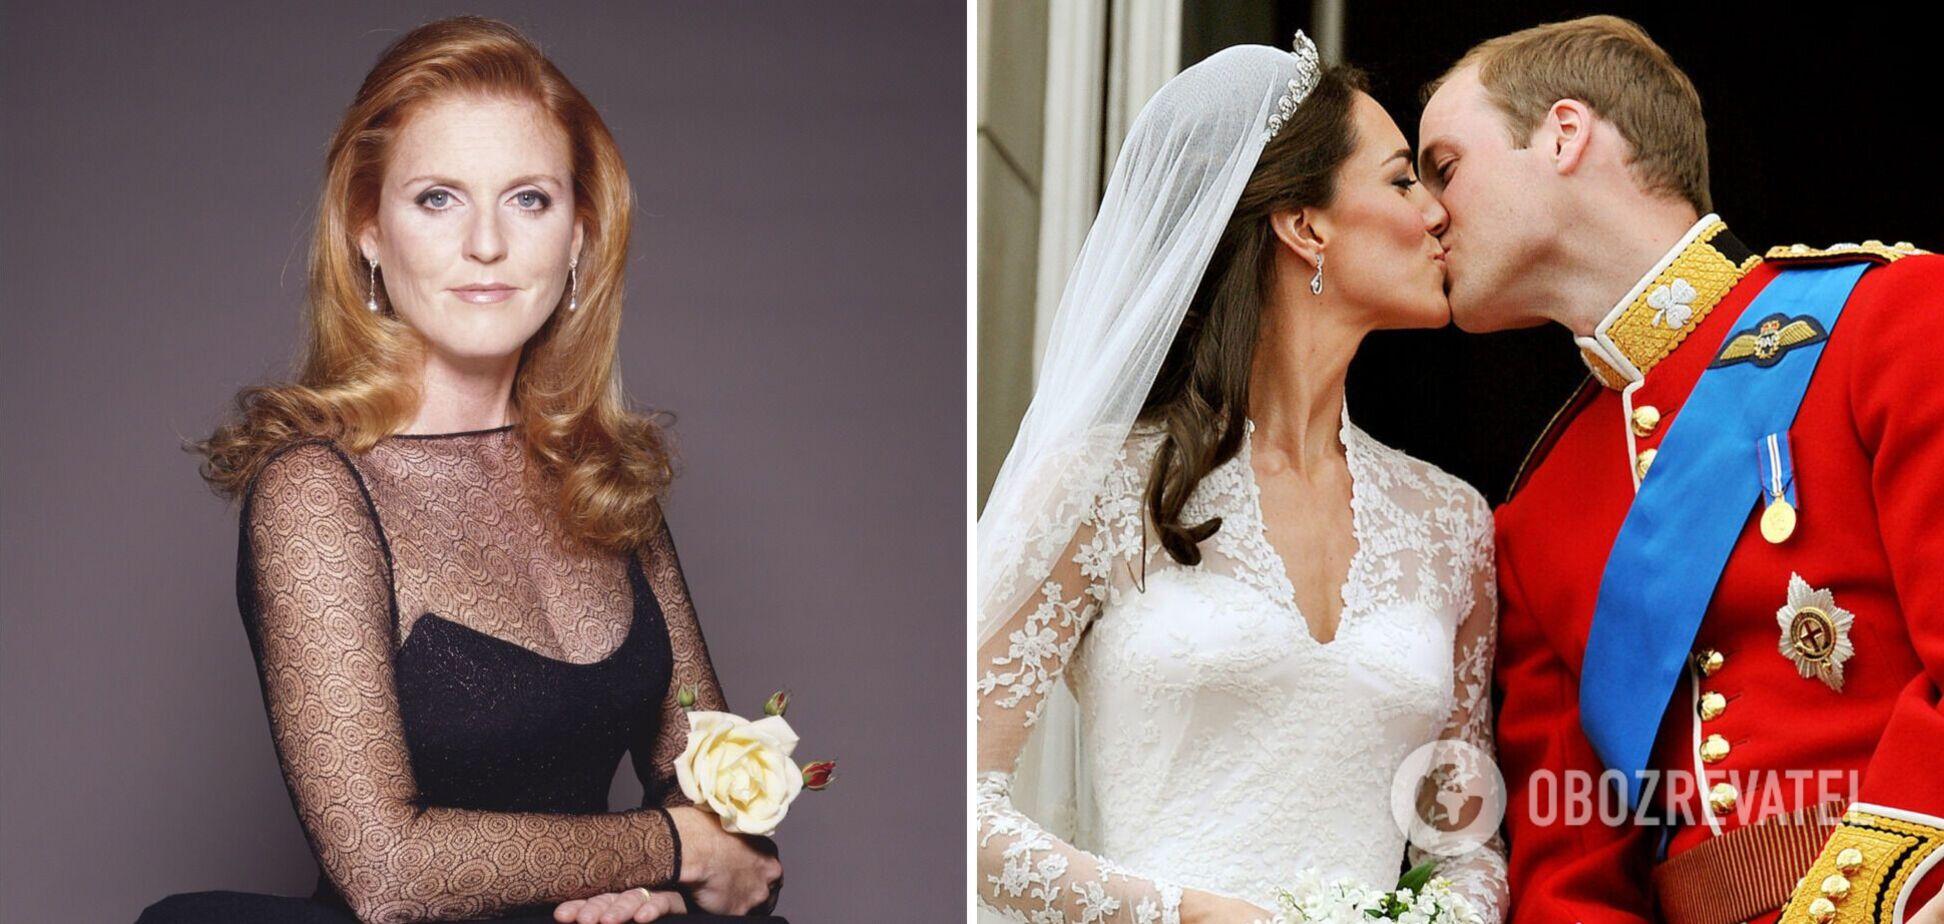 Экс-жена принца Эндрю вспомнила, как принц Уильям и Кейт Миддлтон не пригласили ее на свадьбу